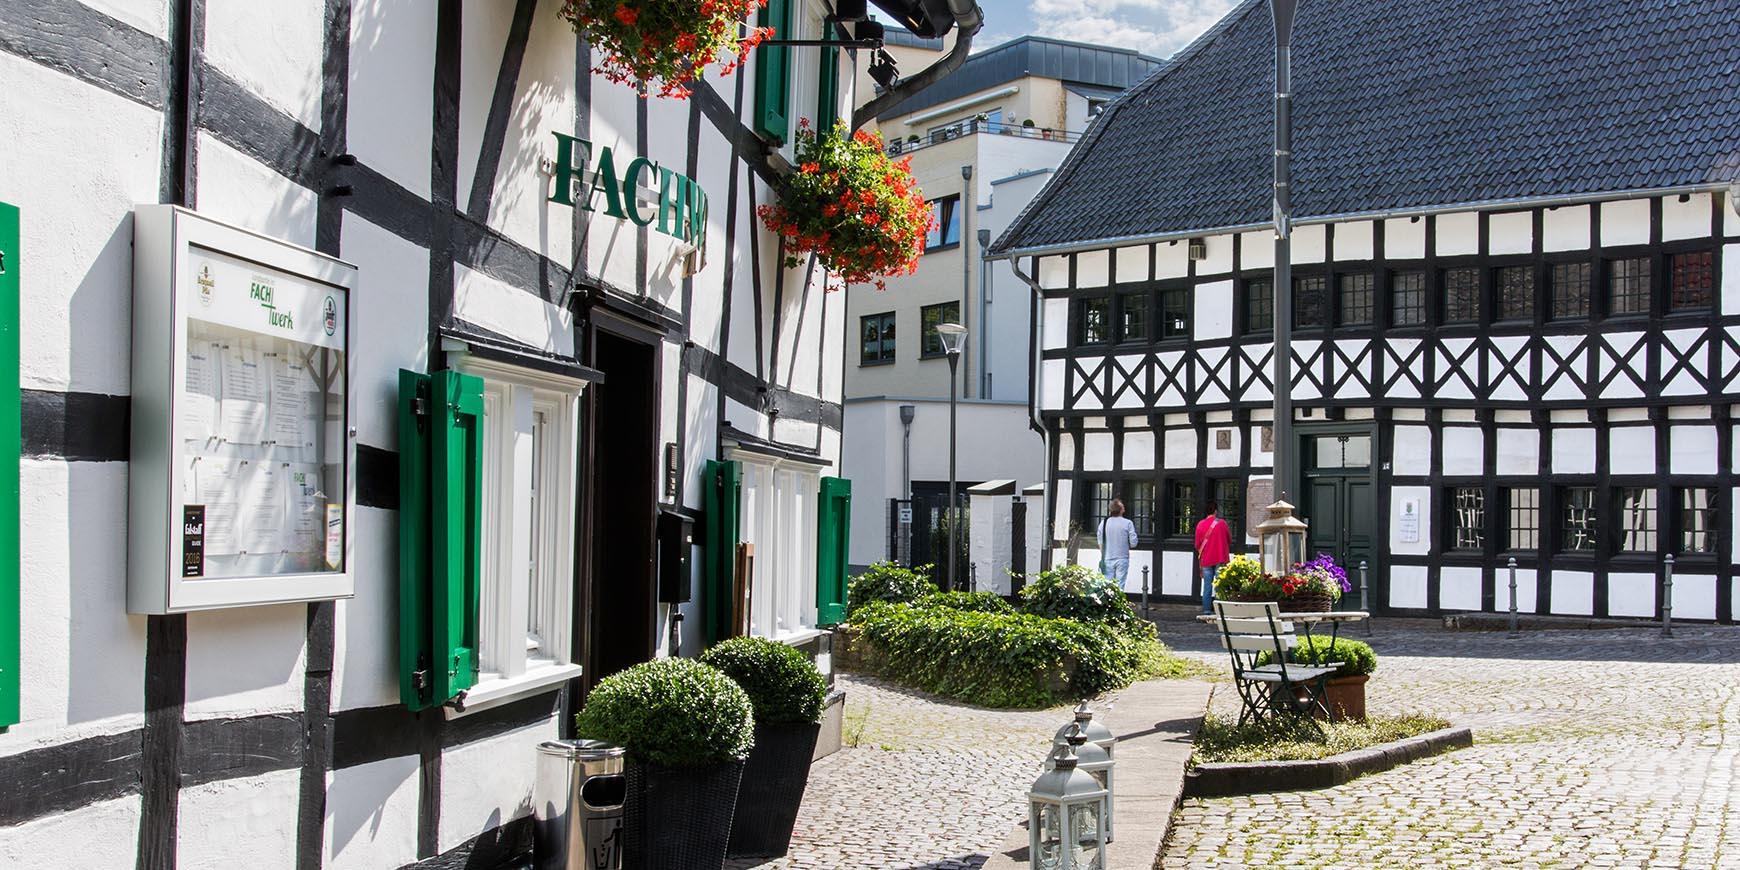 aussen-fachwerk-restaurant-markt-schwanenstrasse-hilden-essen5bd07422730e5